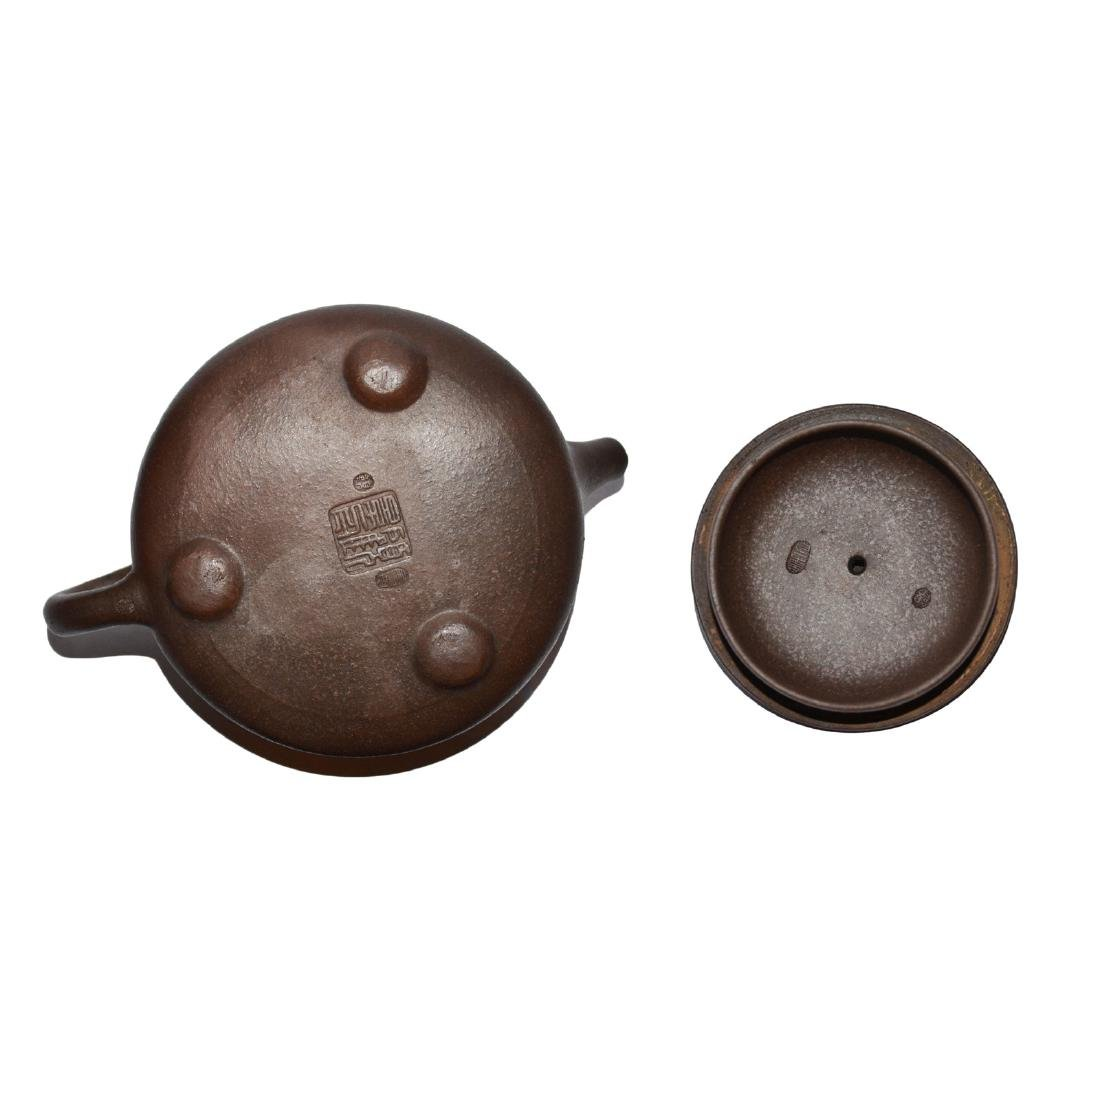 Gu Jingzhou, Stone-spoon Yixing Zisha Teapot - 5